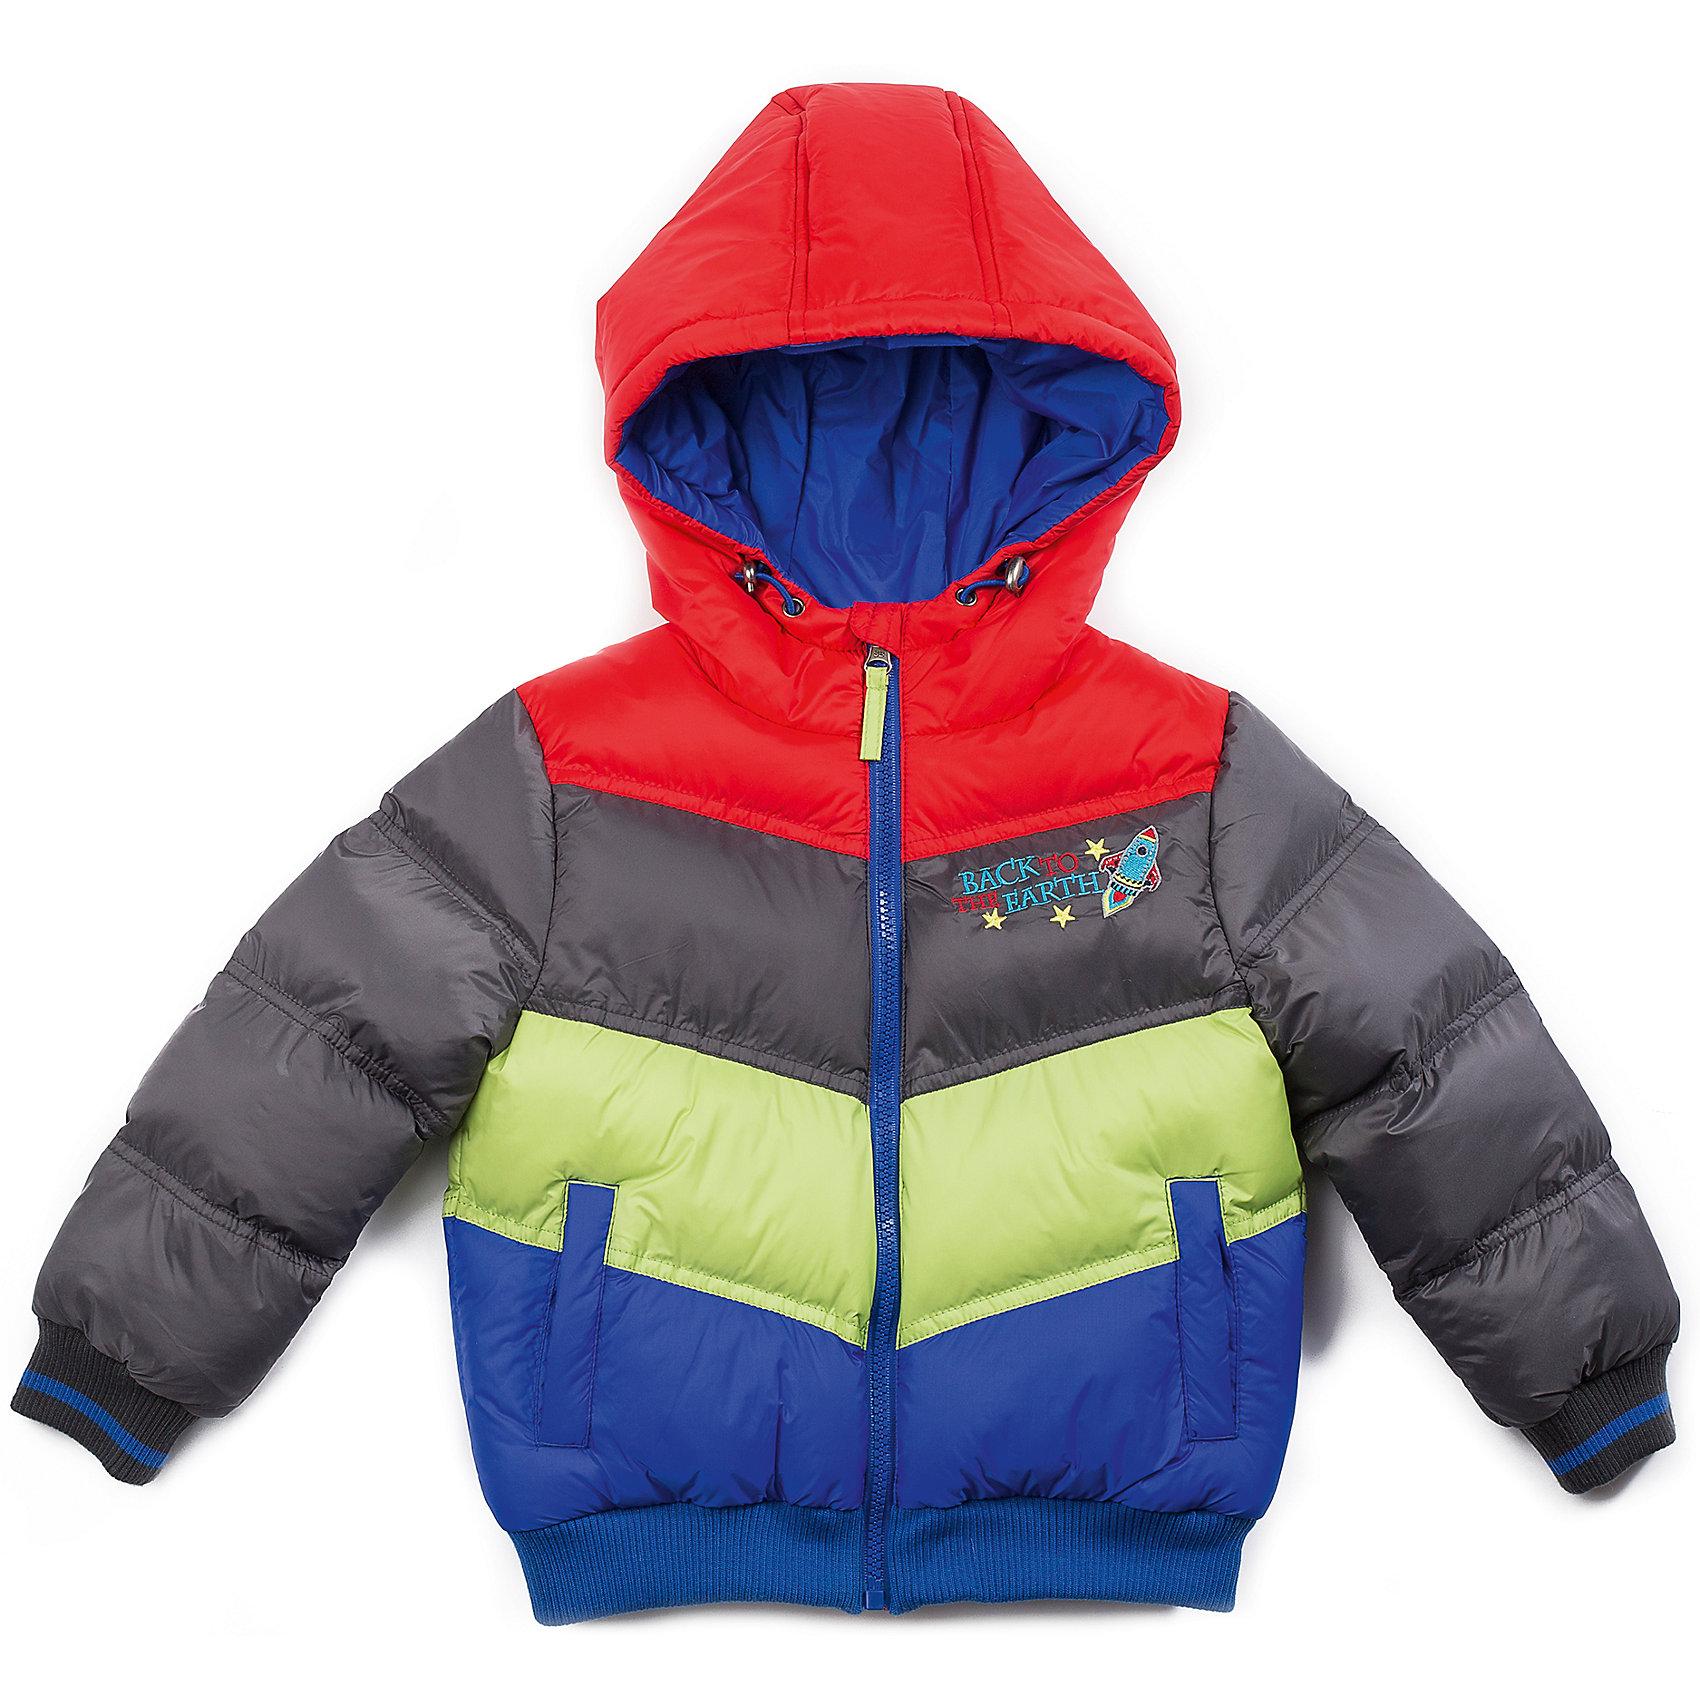 Куртка для мальчика Sweet BerryВерхняя одежда<br>Модная яркая куртка для мальчика, на контрастной синей подкладке из флиса. С удобными карманами спереди и стильной вышивкой.<br>Состав:<br>Верх: 100% нейлон, Подкладка: 100%полиэстер, Наполнитель: 100%полиэстер<br><br>Ширина мм: 356<br>Глубина мм: 10<br>Высота мм: 245<br>Вес г: 519<br>Цвет: разноцветный<br>Возраст от месяцев: 12<br>Возраст до месяцев: 18<br>Пол: Мужской<br>Возраст: Детский<br>Размер: 86,80,98,92<br>SKU: 4273192